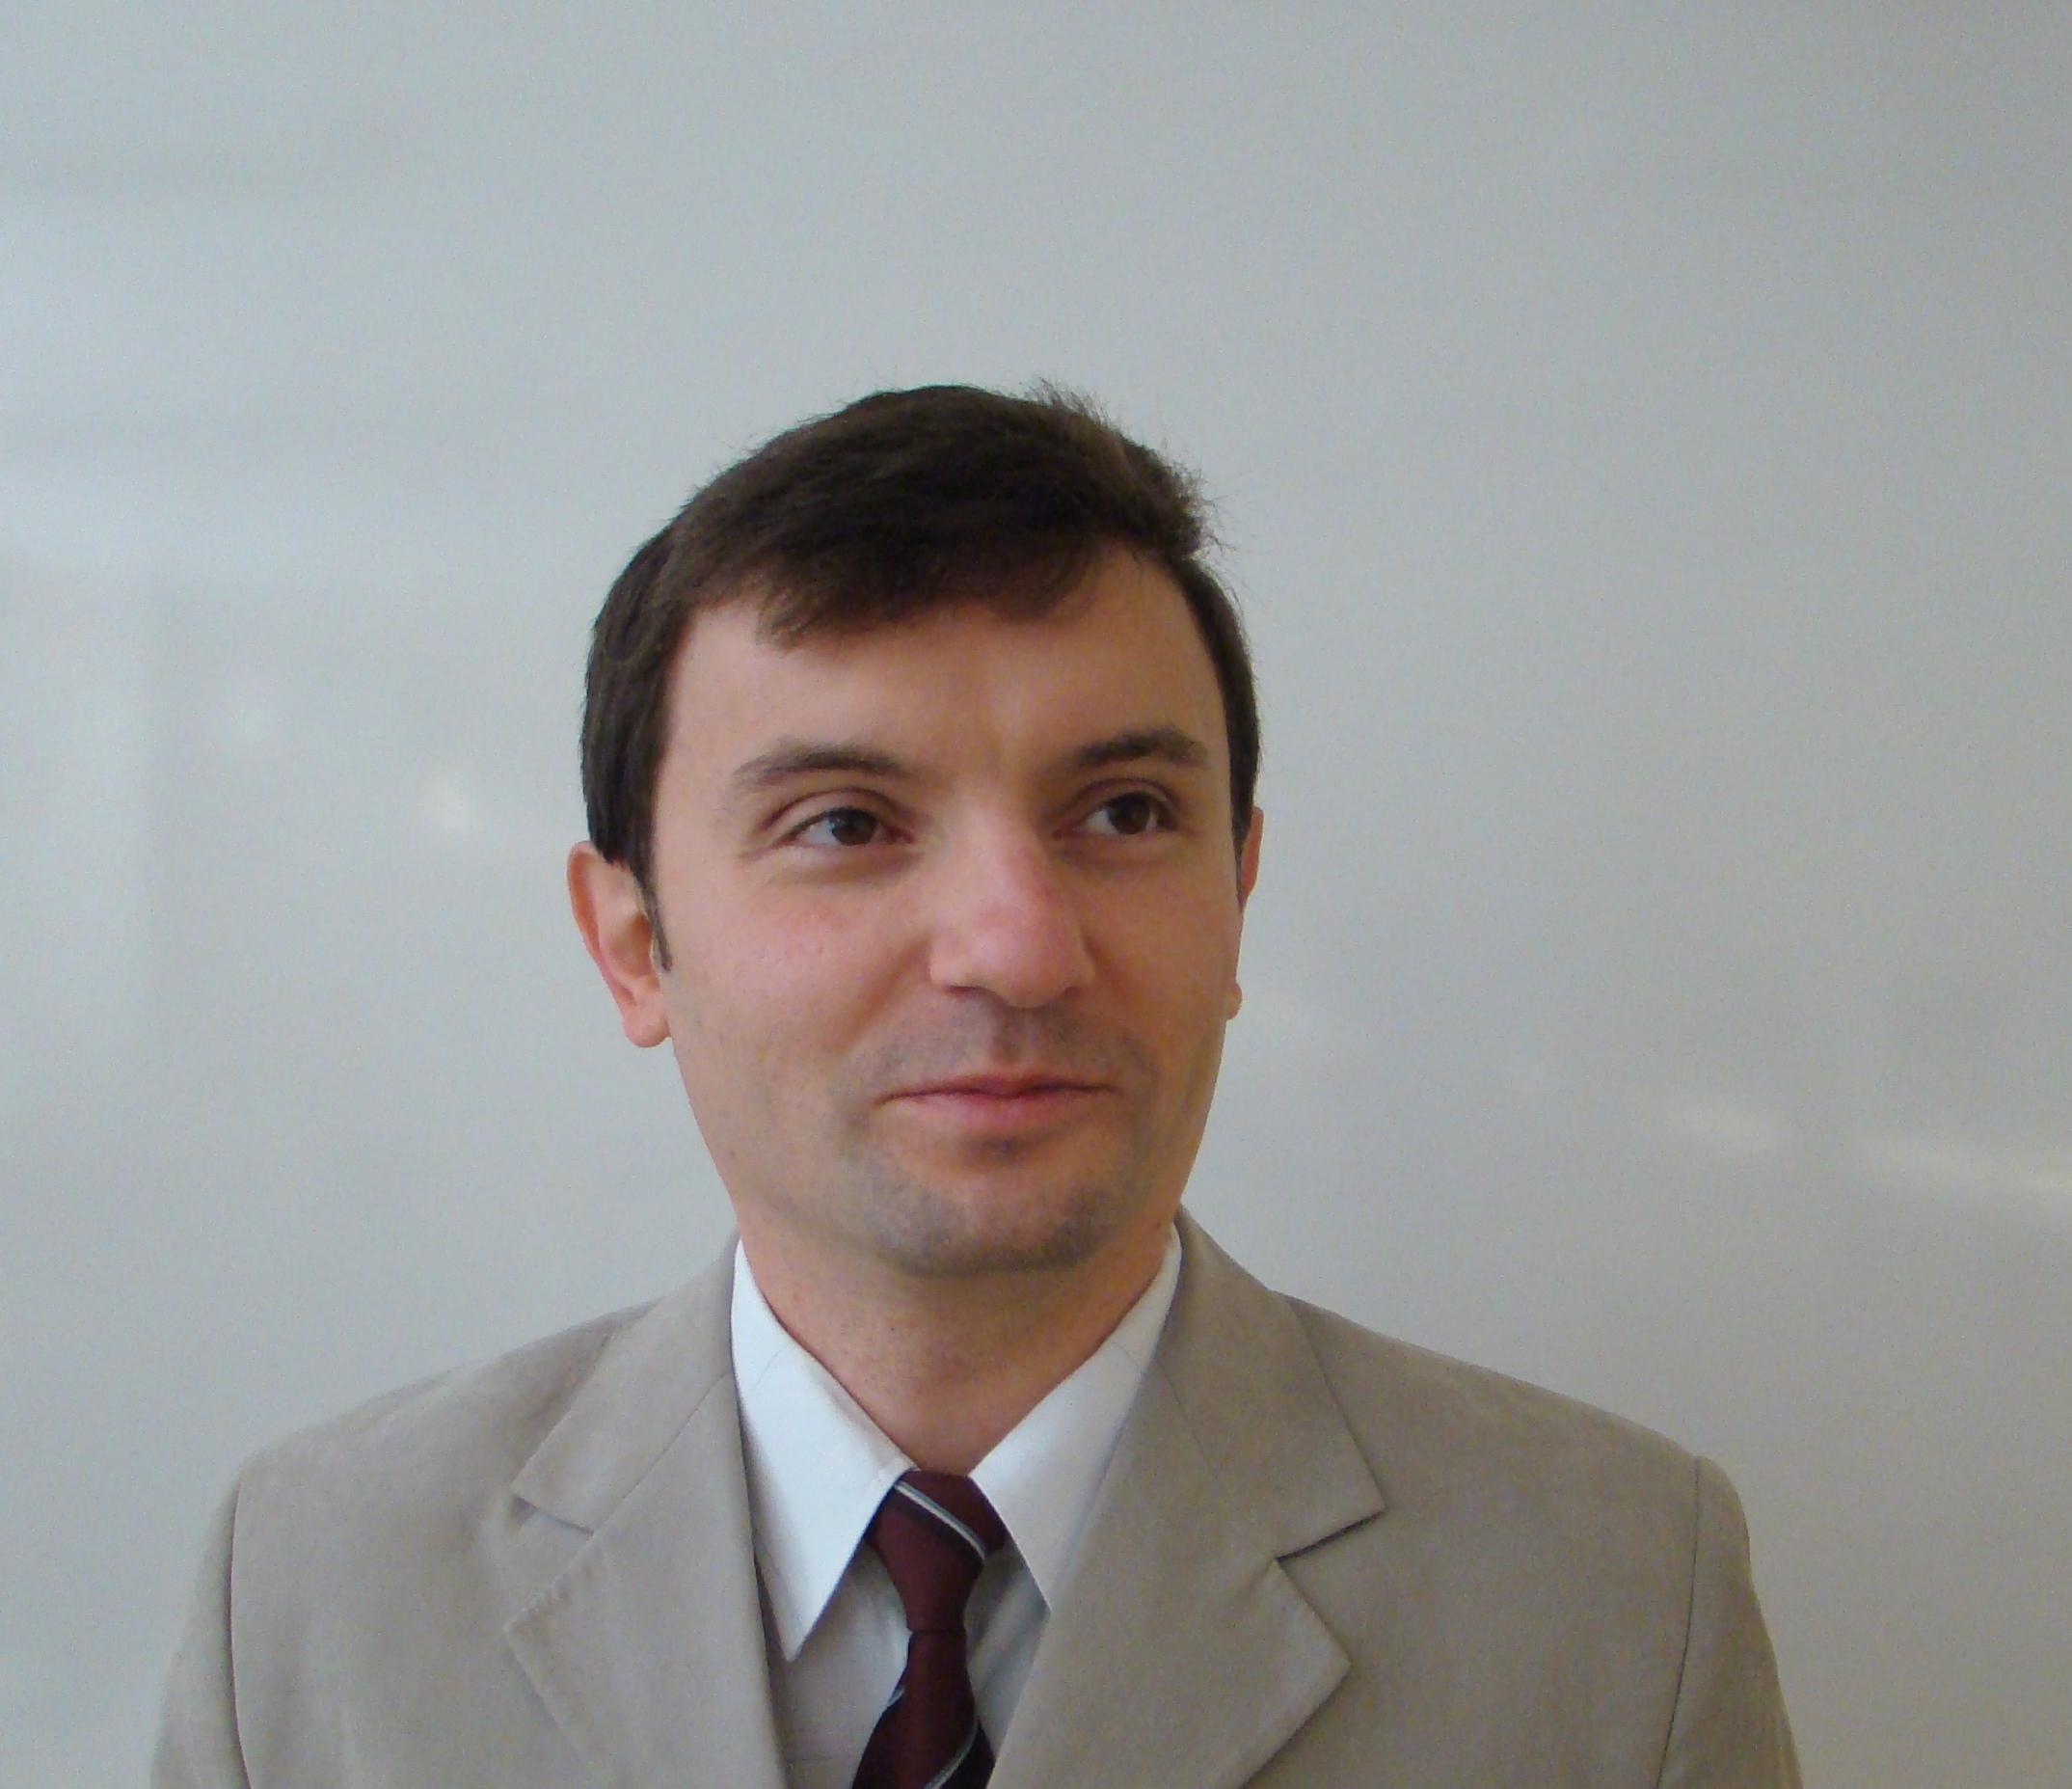 Гл. ас. д-р    Ивелин Георгиев Иванов